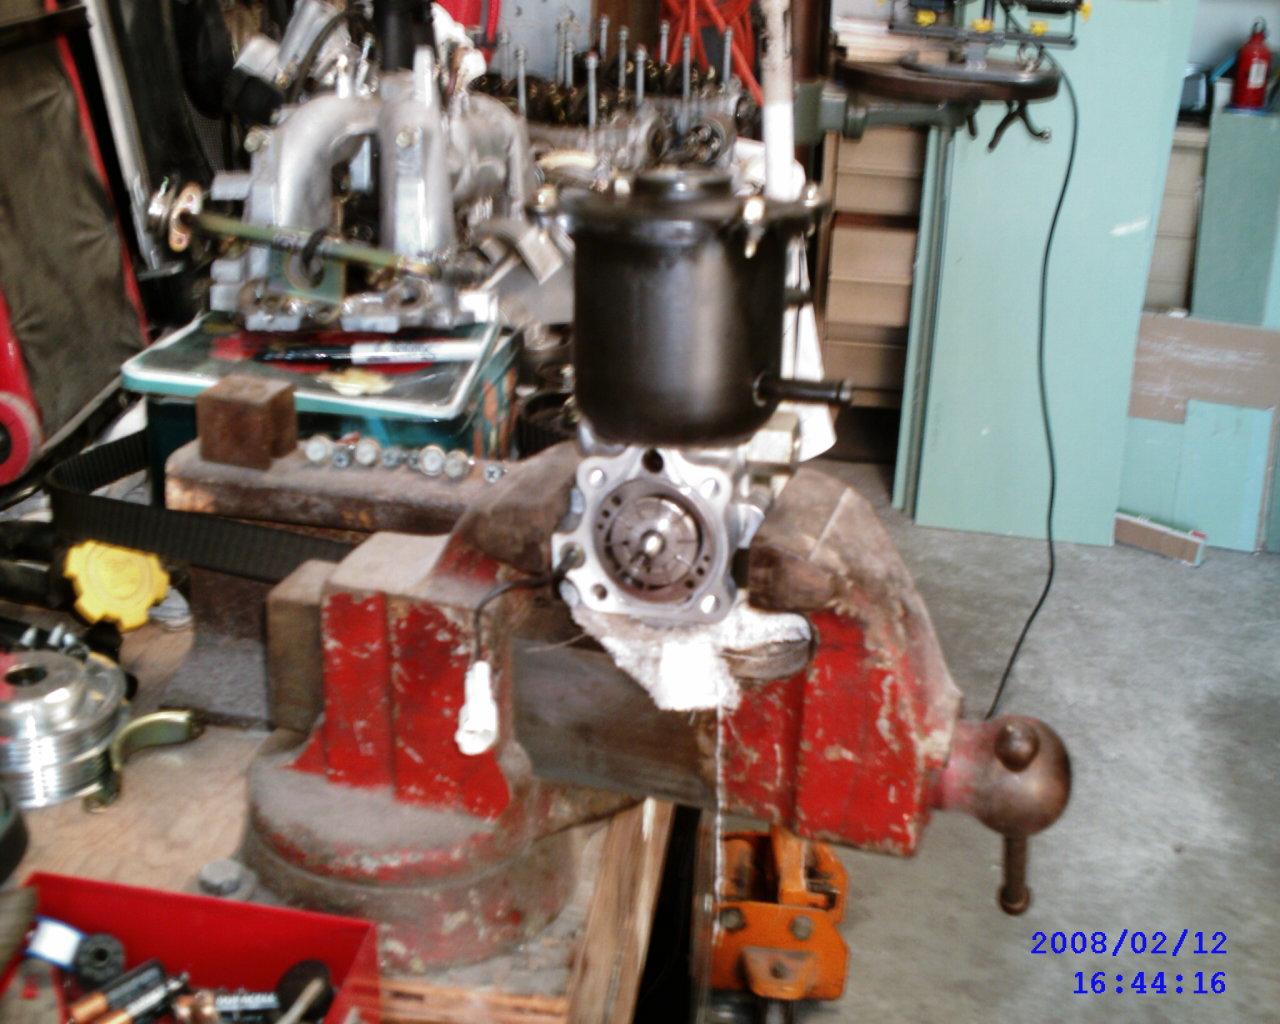 �97 Outback Power Steering Pump Leak�-pwrstrgpmp-rebuild.jpg